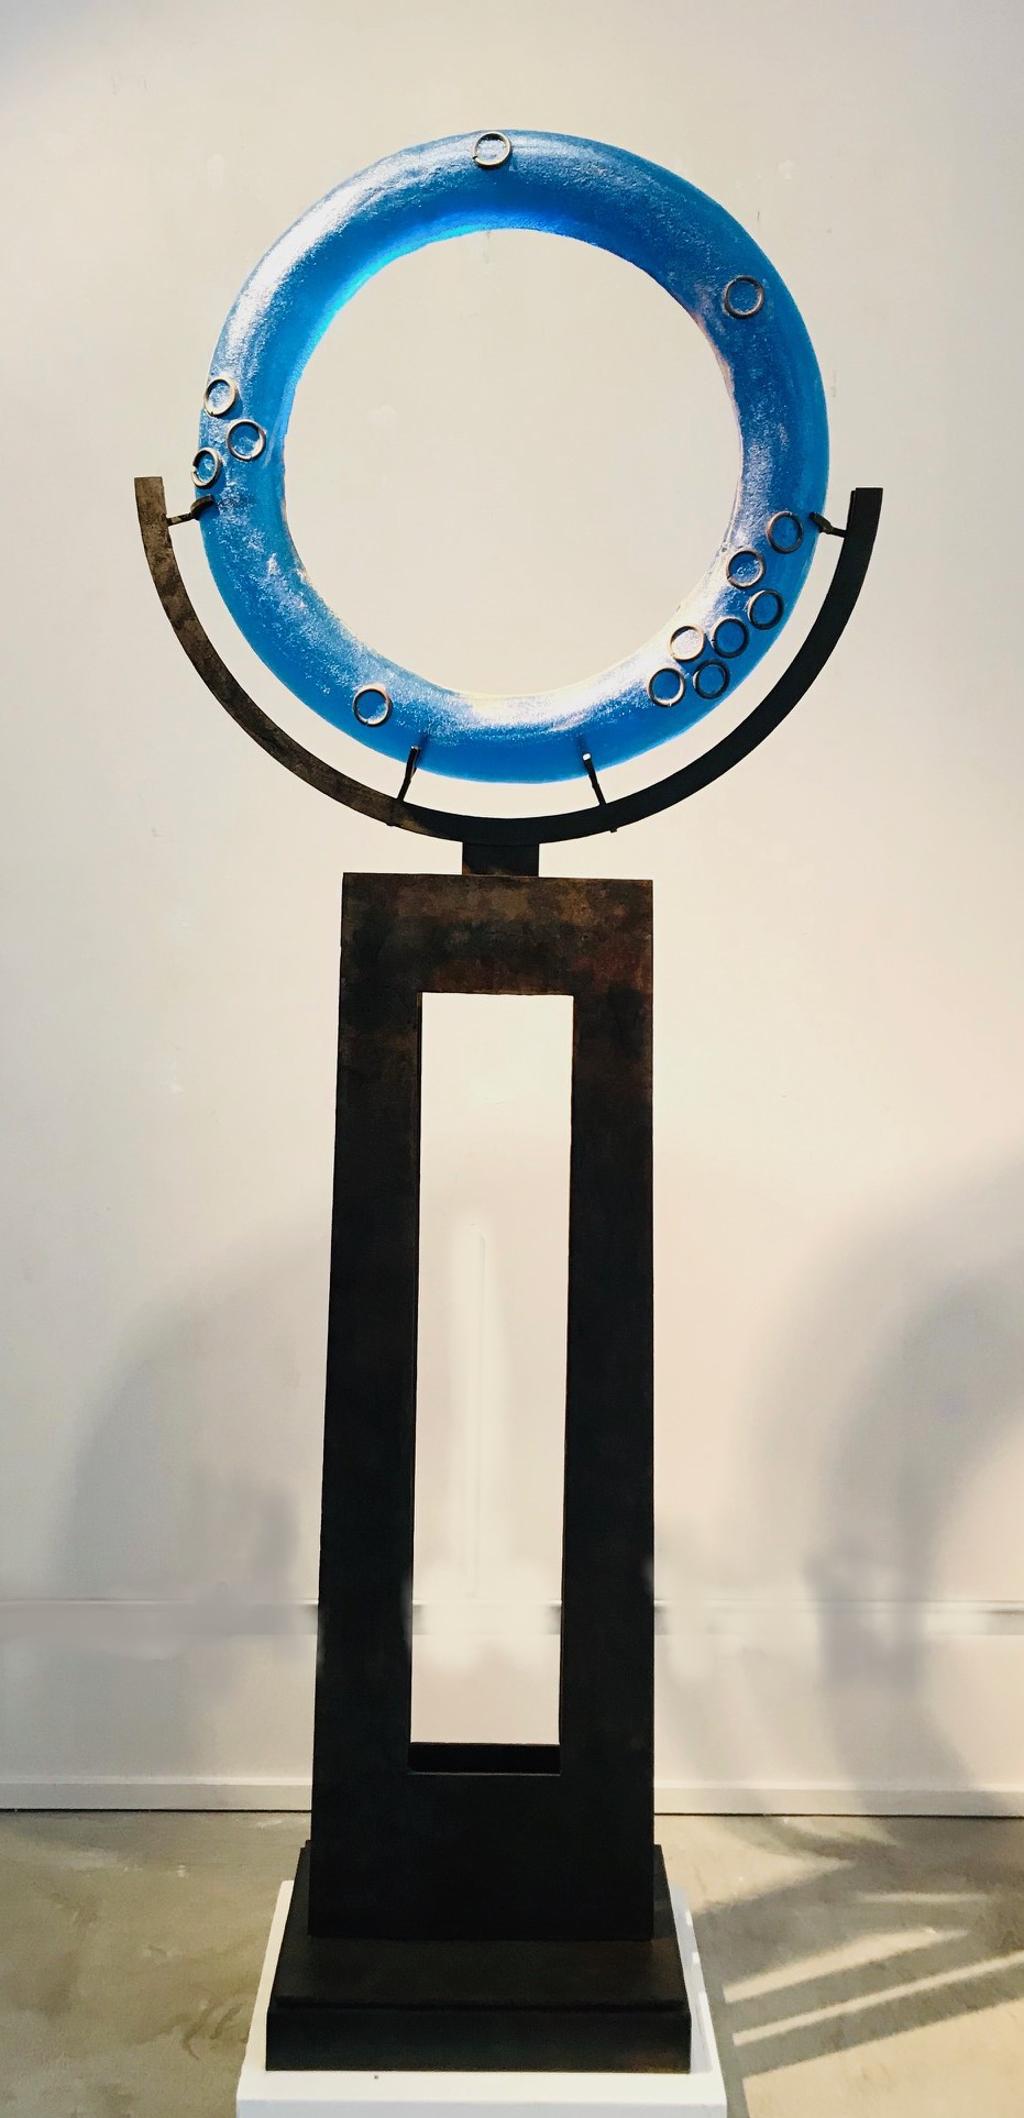 Vibrant Blue Ring Freestanding by Marlene Rose (b. 1967)